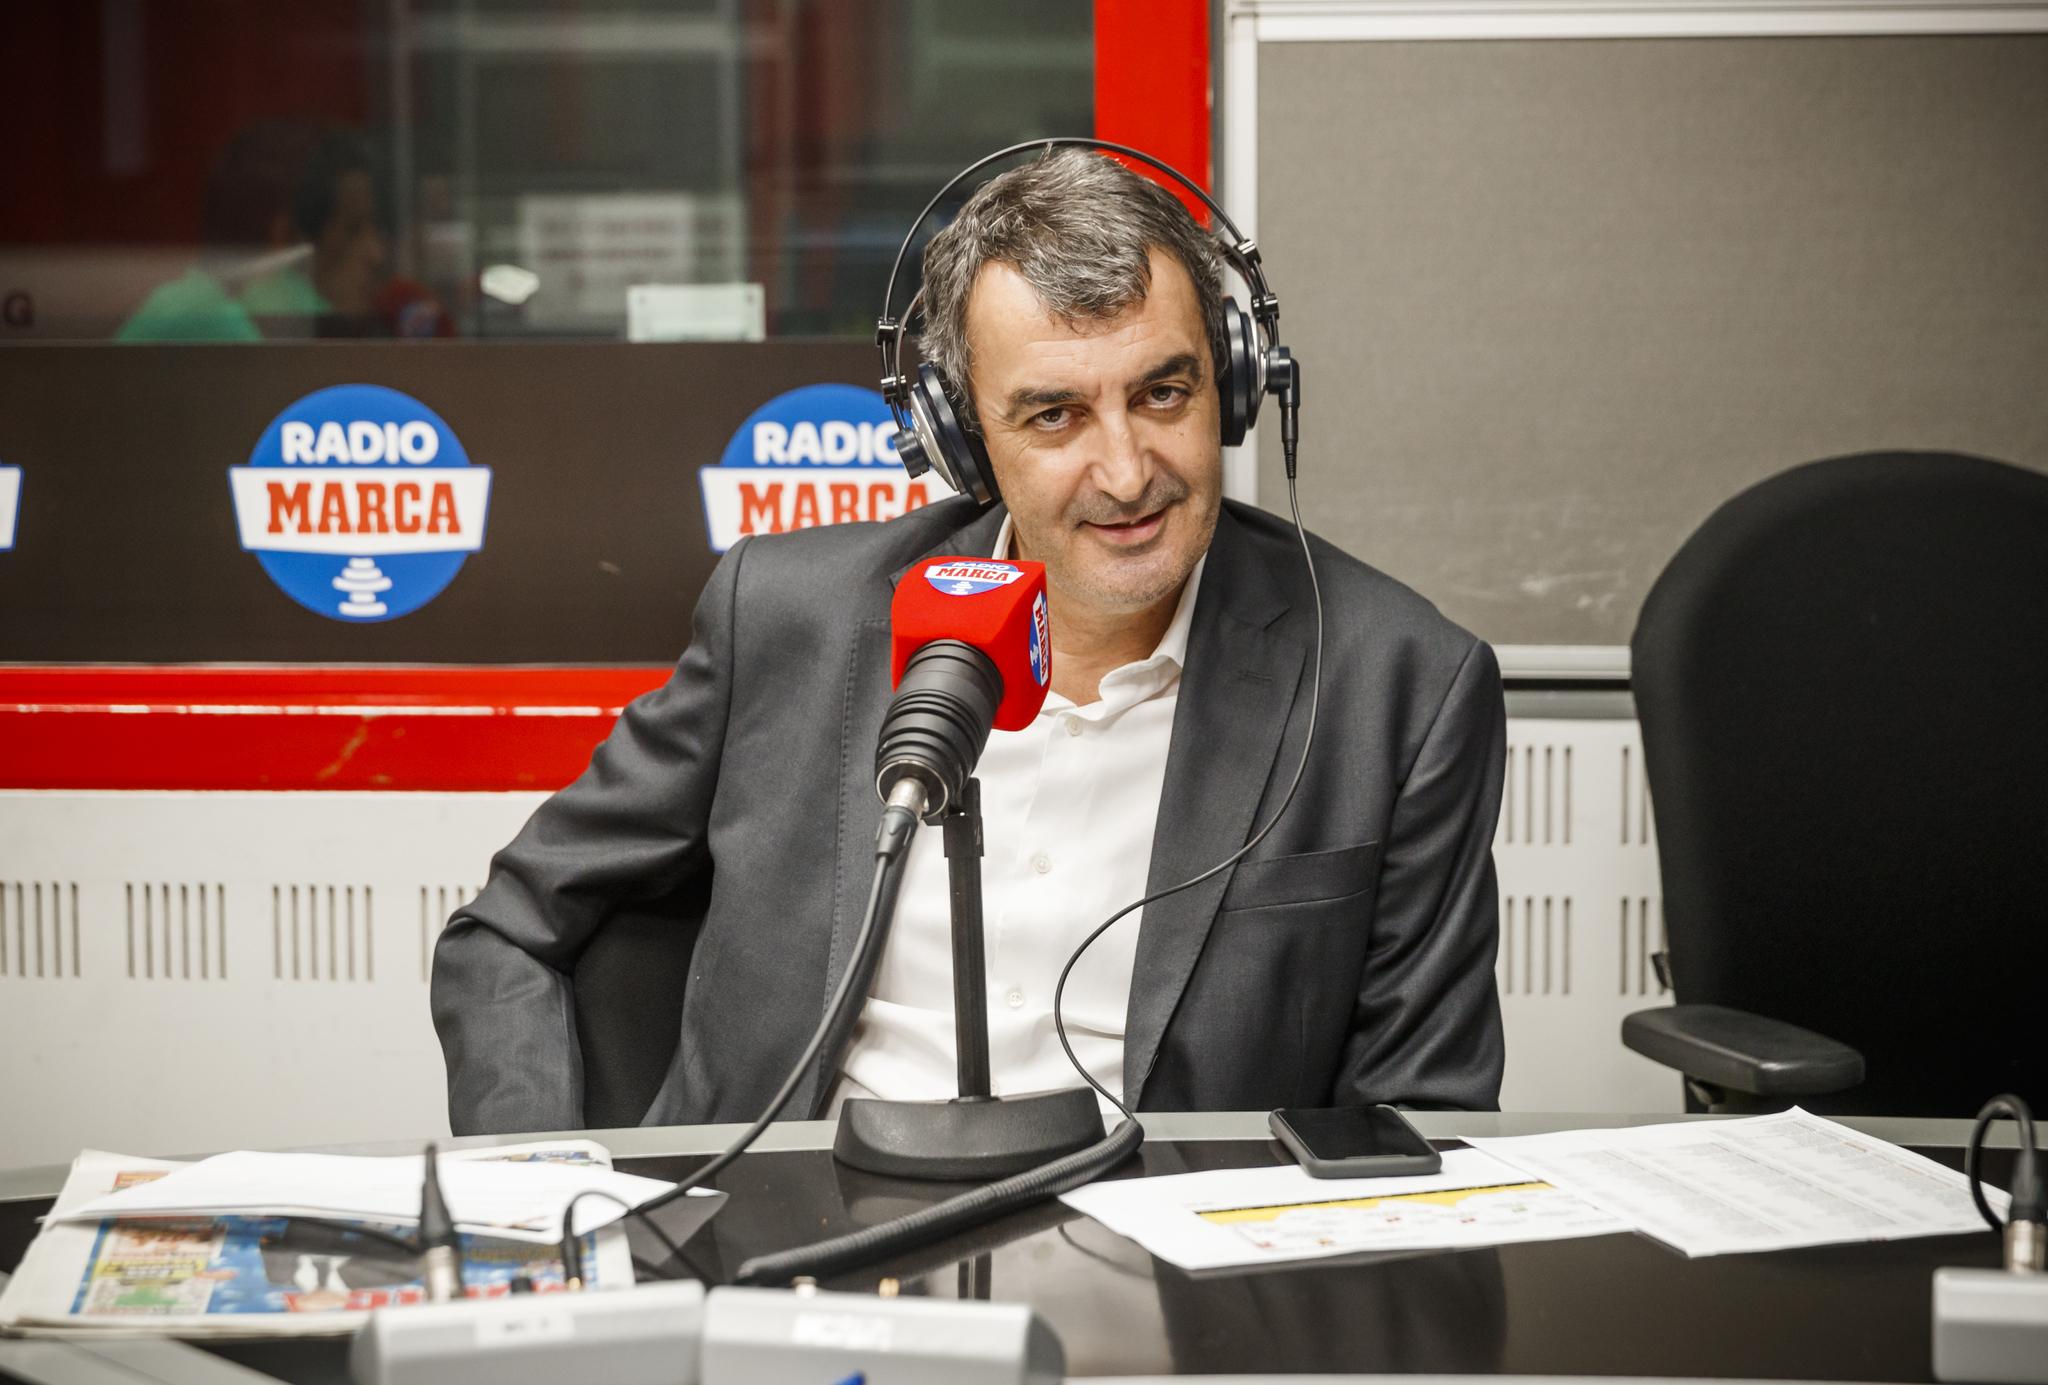 lt;HIT gt;JAVIER lt;/HIT gt; GUILLEN, DIRECTOR DE LA VUELTA A ESPAÑA EN RADIO lt;HIT gt;MARCA lt;/HIT gt;